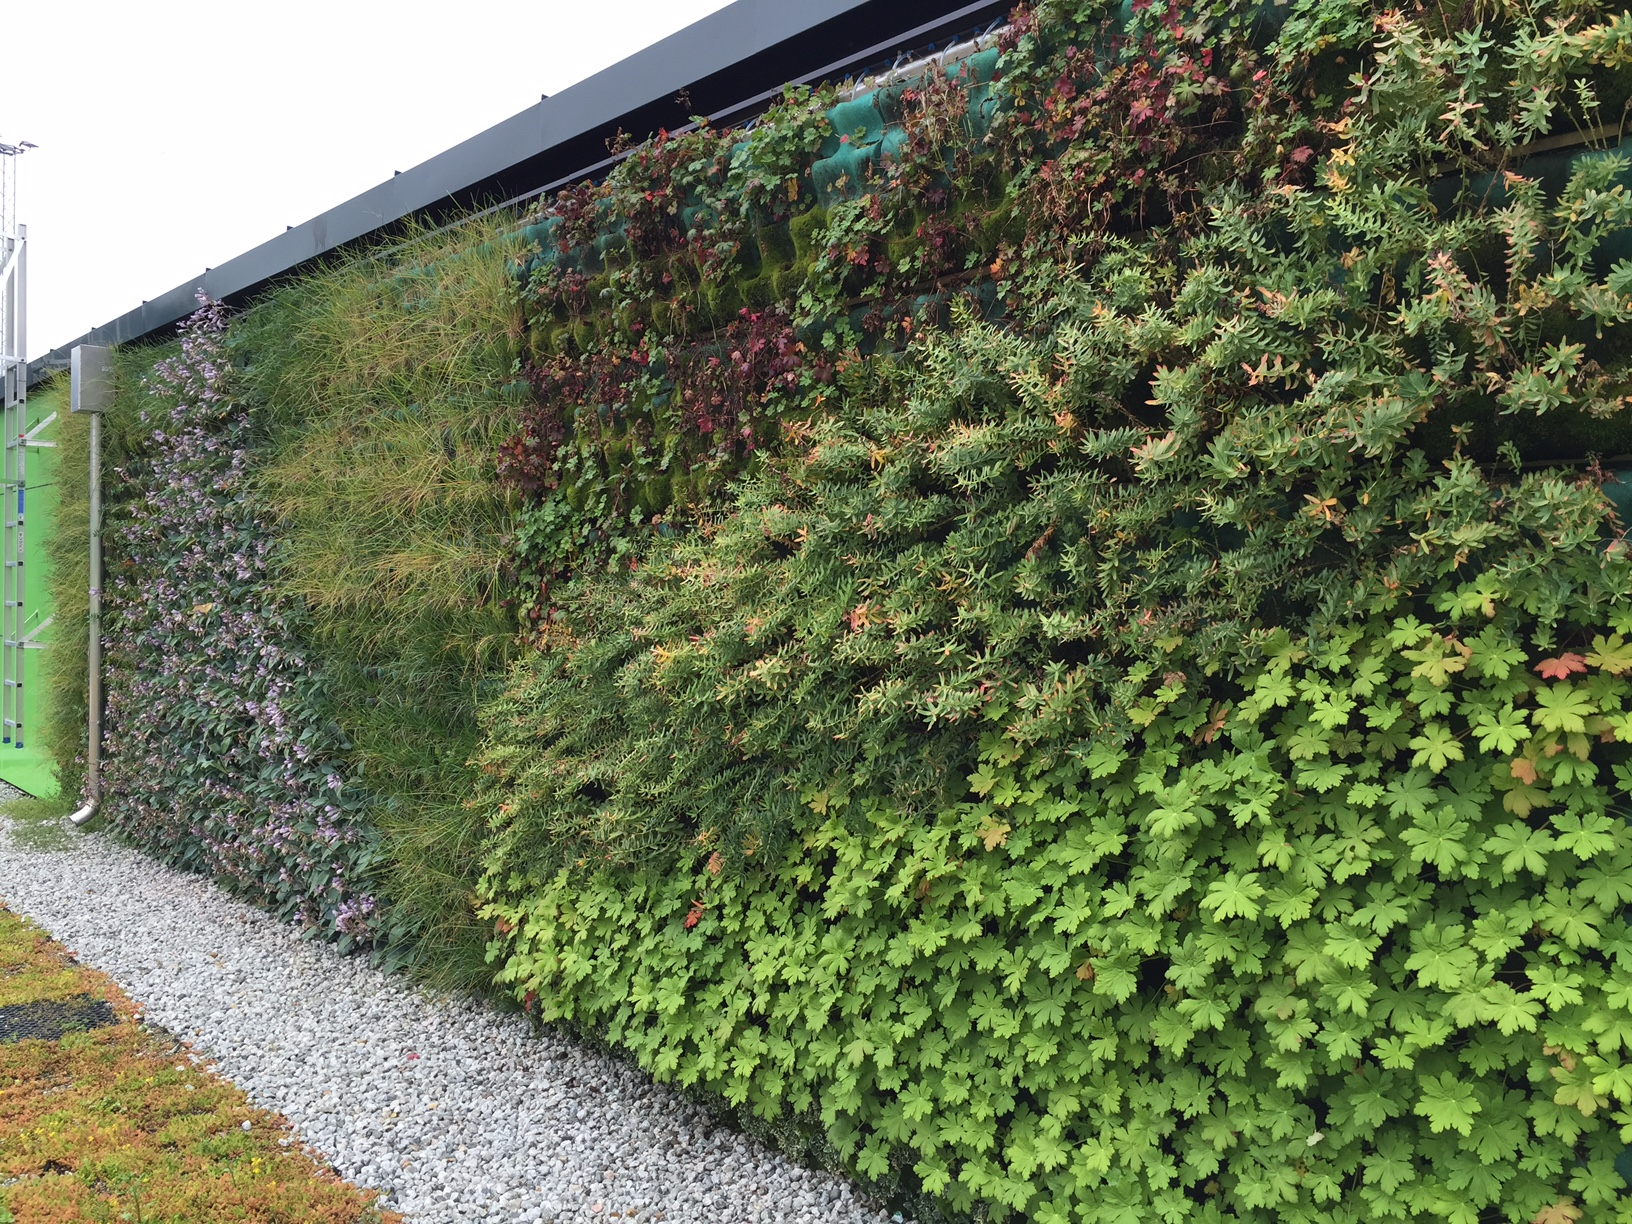 Klatreplanter smyg seg opp langs veggen. Staudar veks i kamp mot tyngekrafta. Fleire og fleire nordmenn vil ha vertikale hagar.